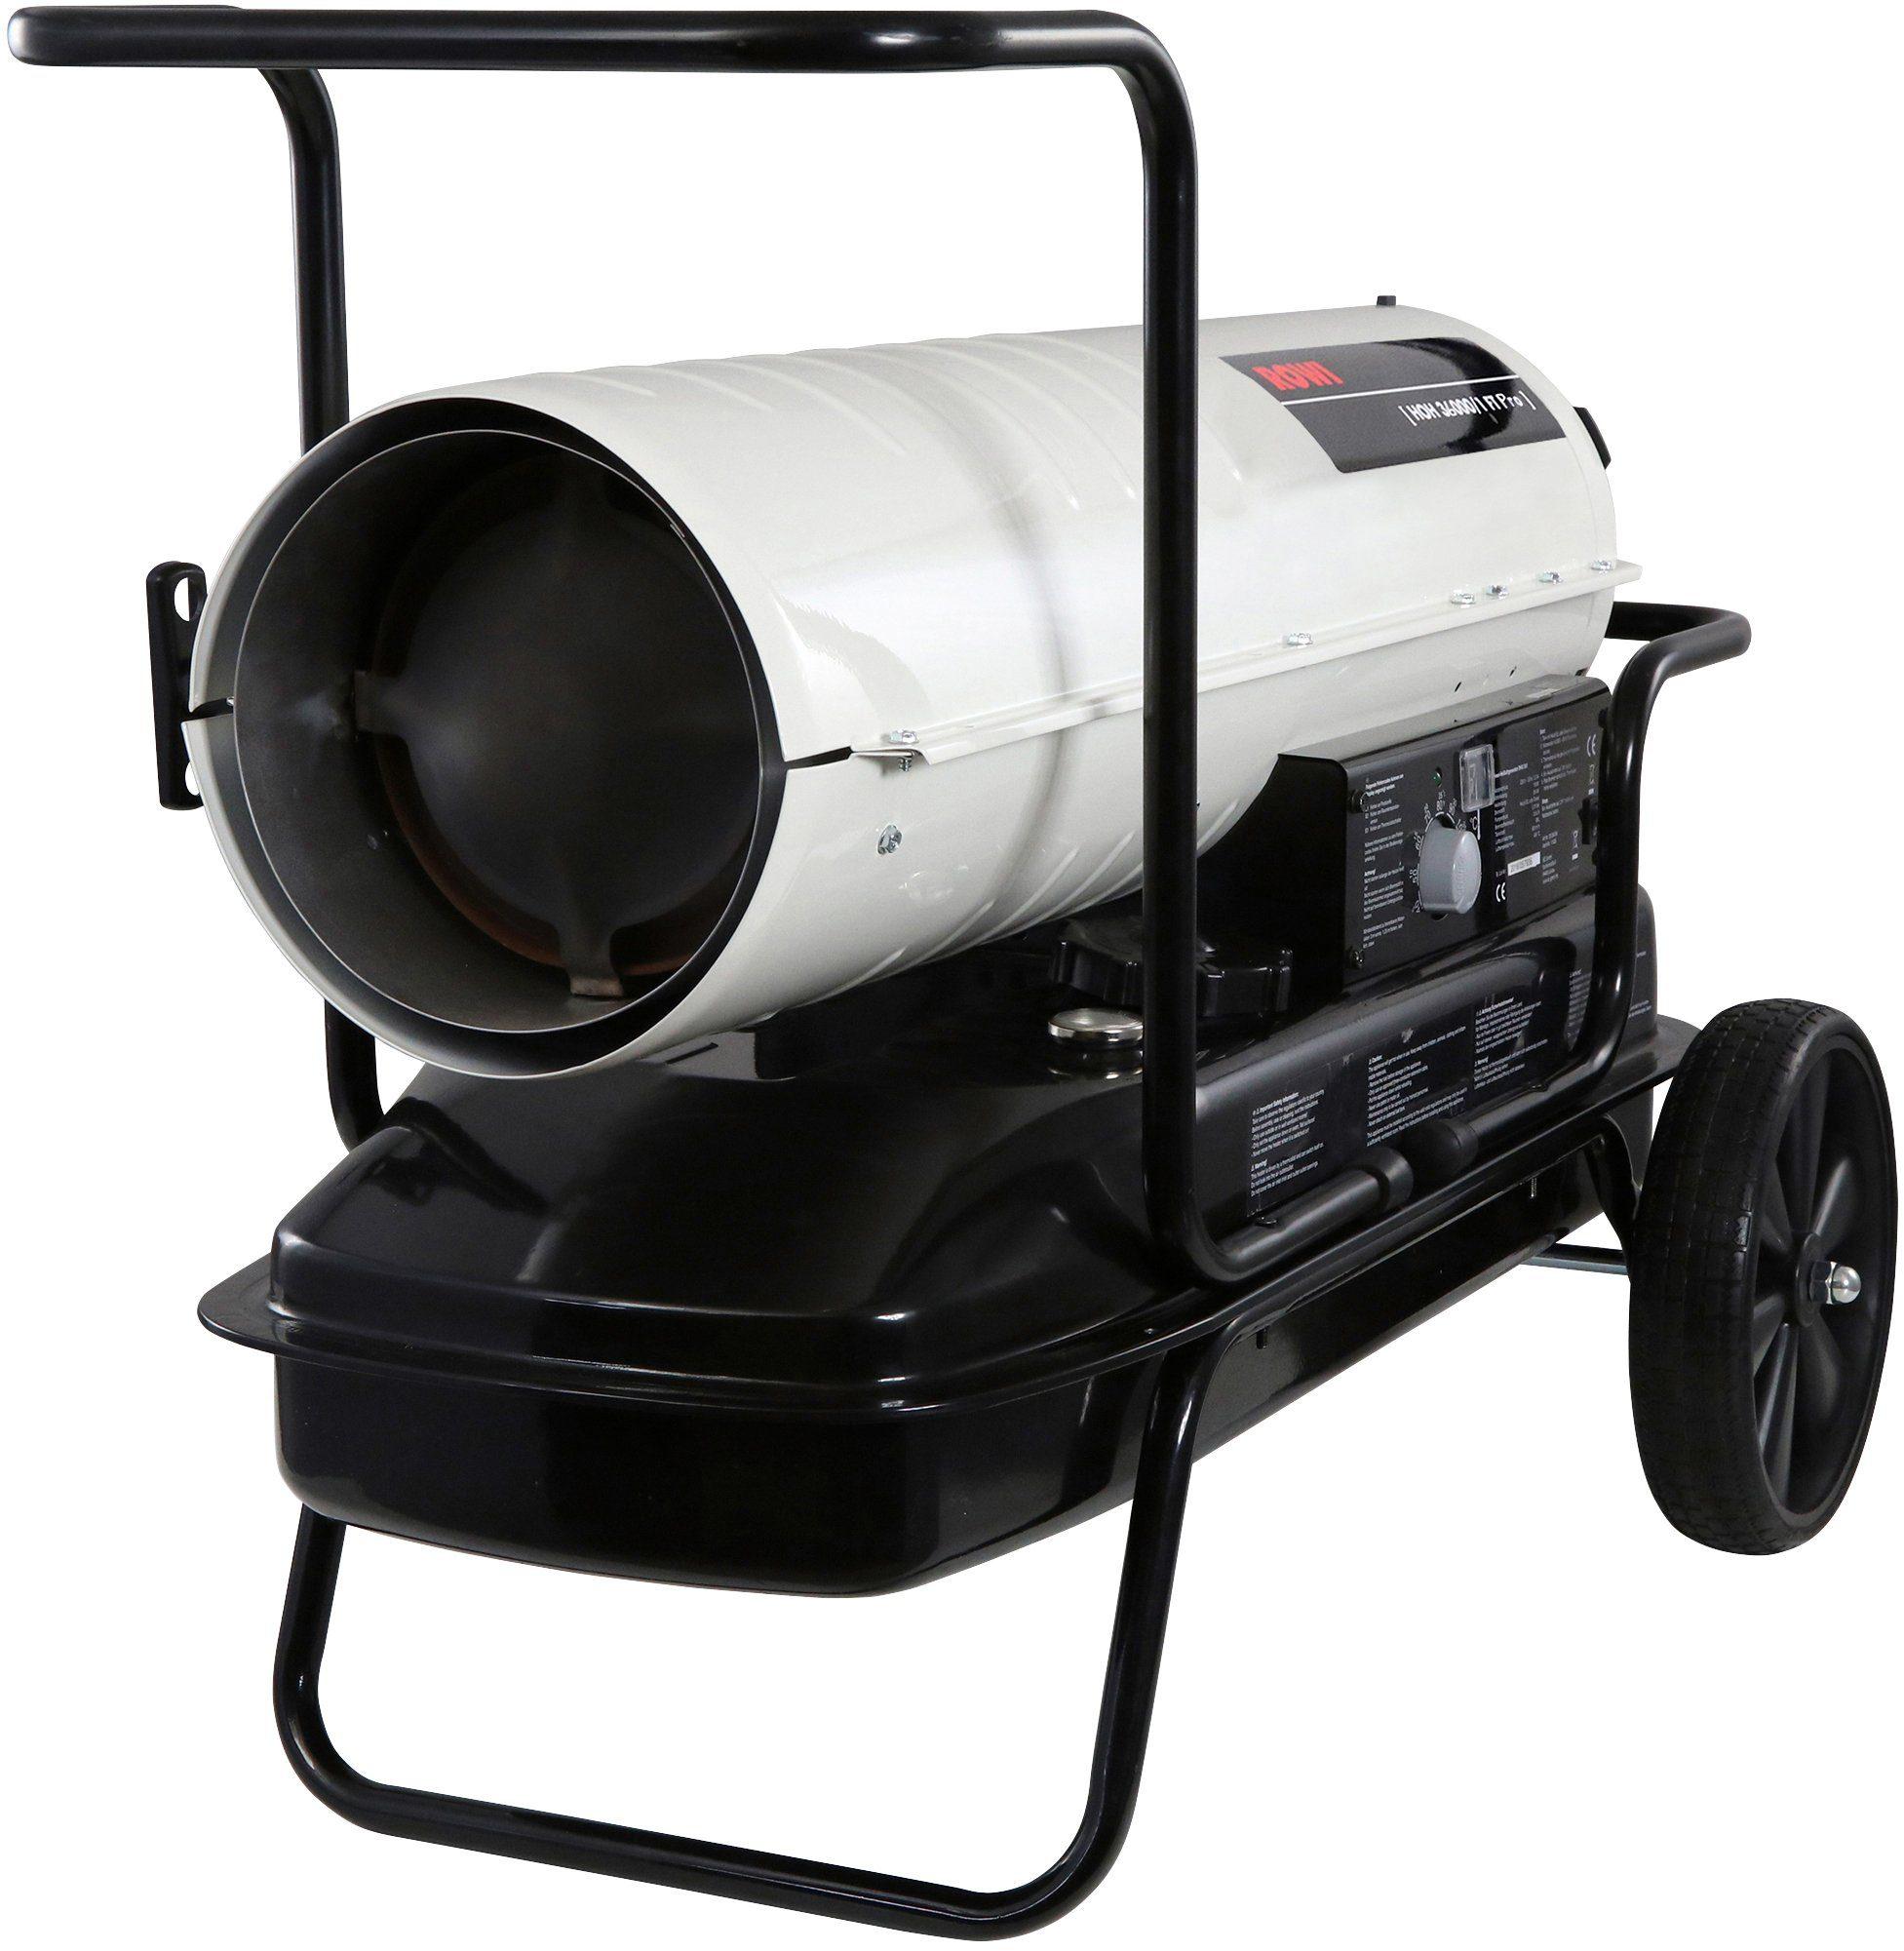 ROWI Öl-Heizgebläse »HOH 36000/1 FT Pro«, 36 kW